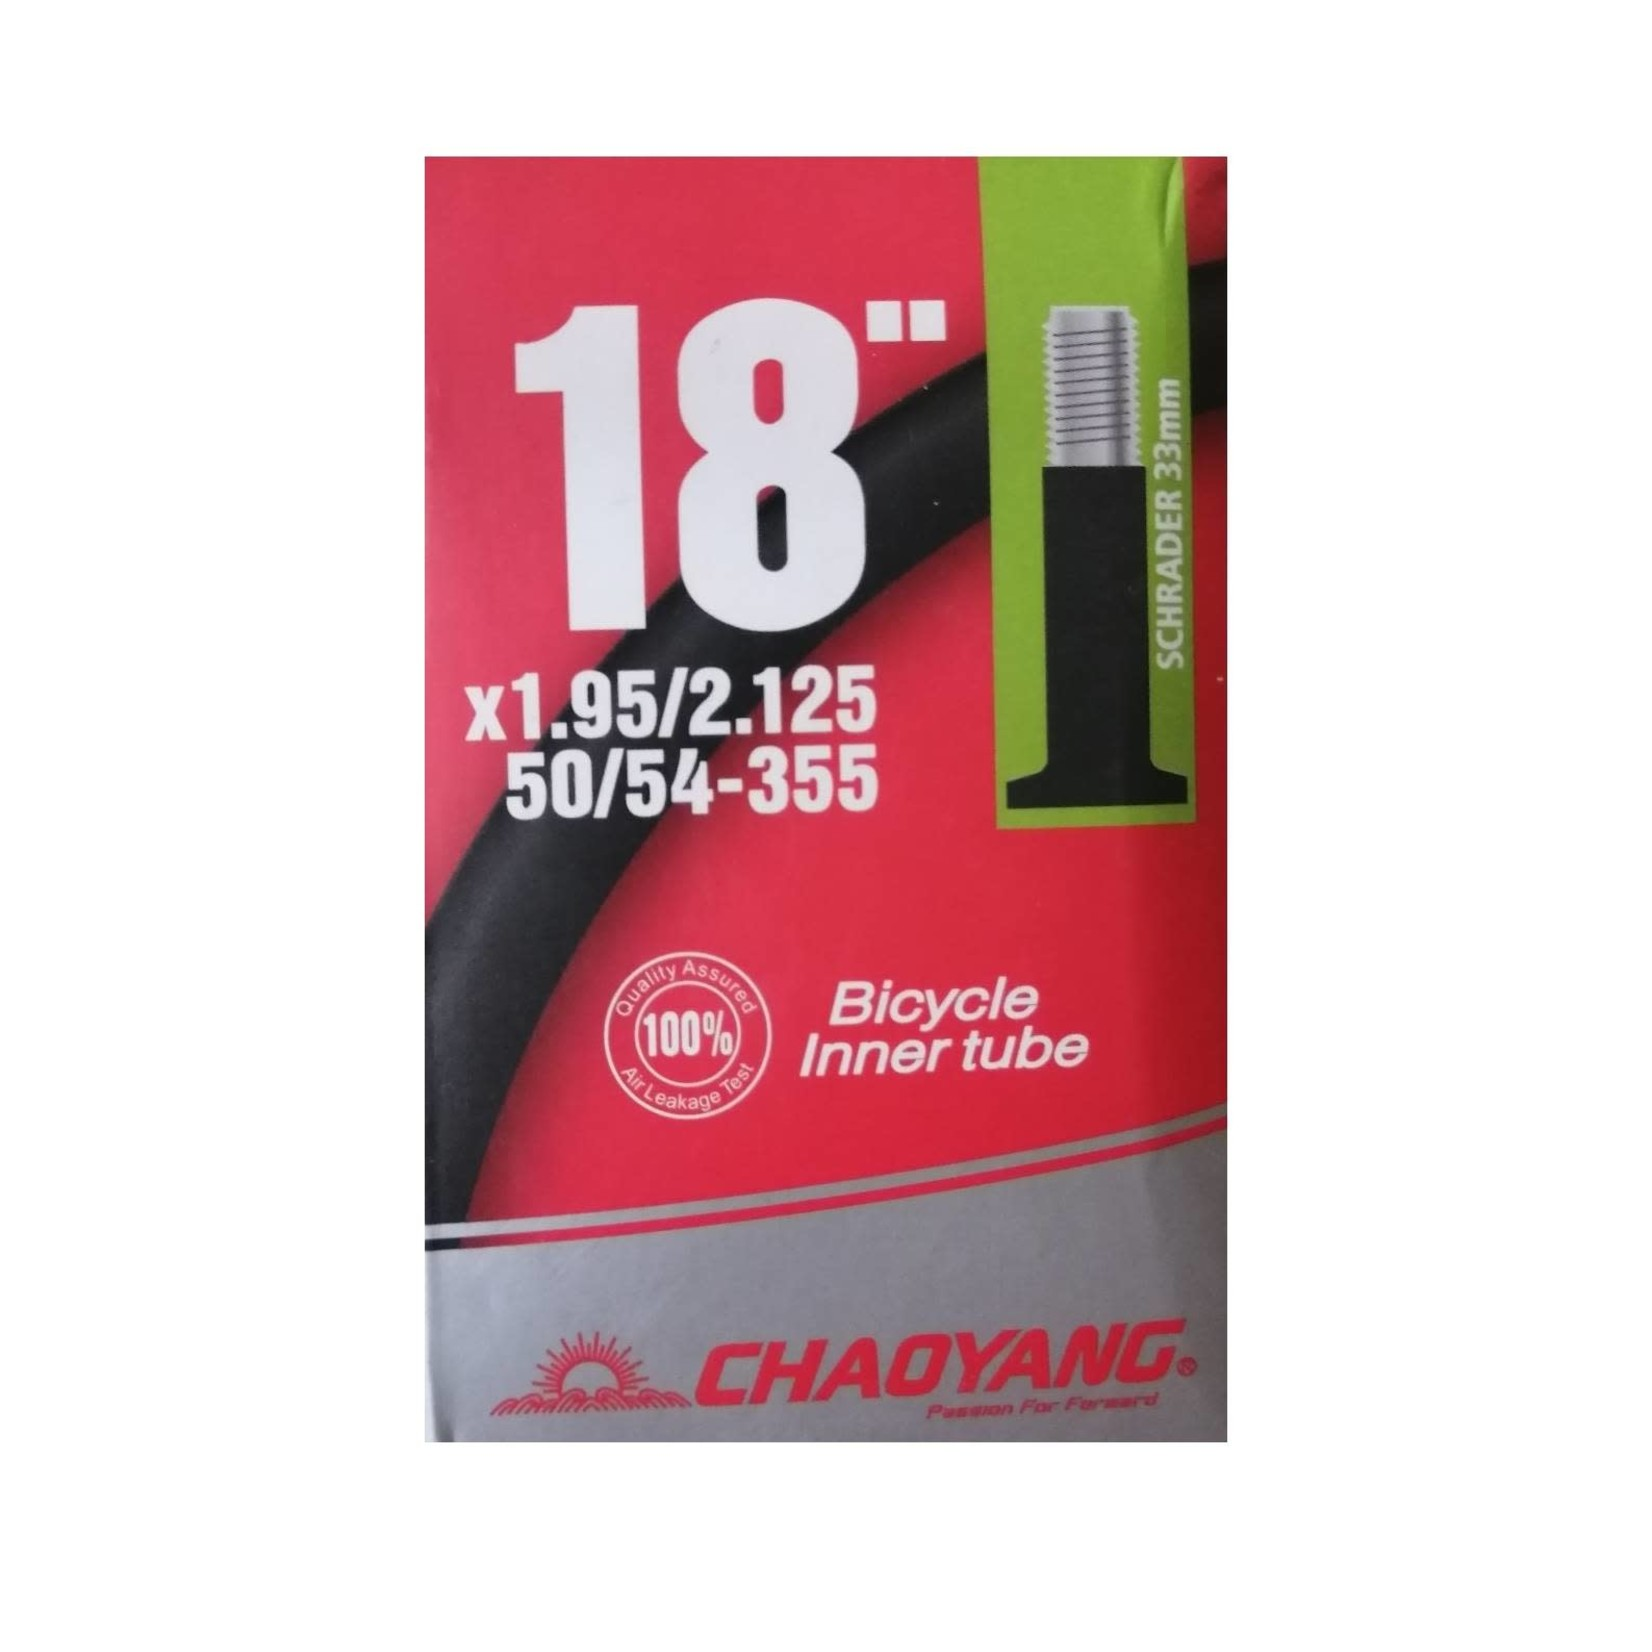 Chaoyang 18 x 1.95/2.125 Schrader Tube